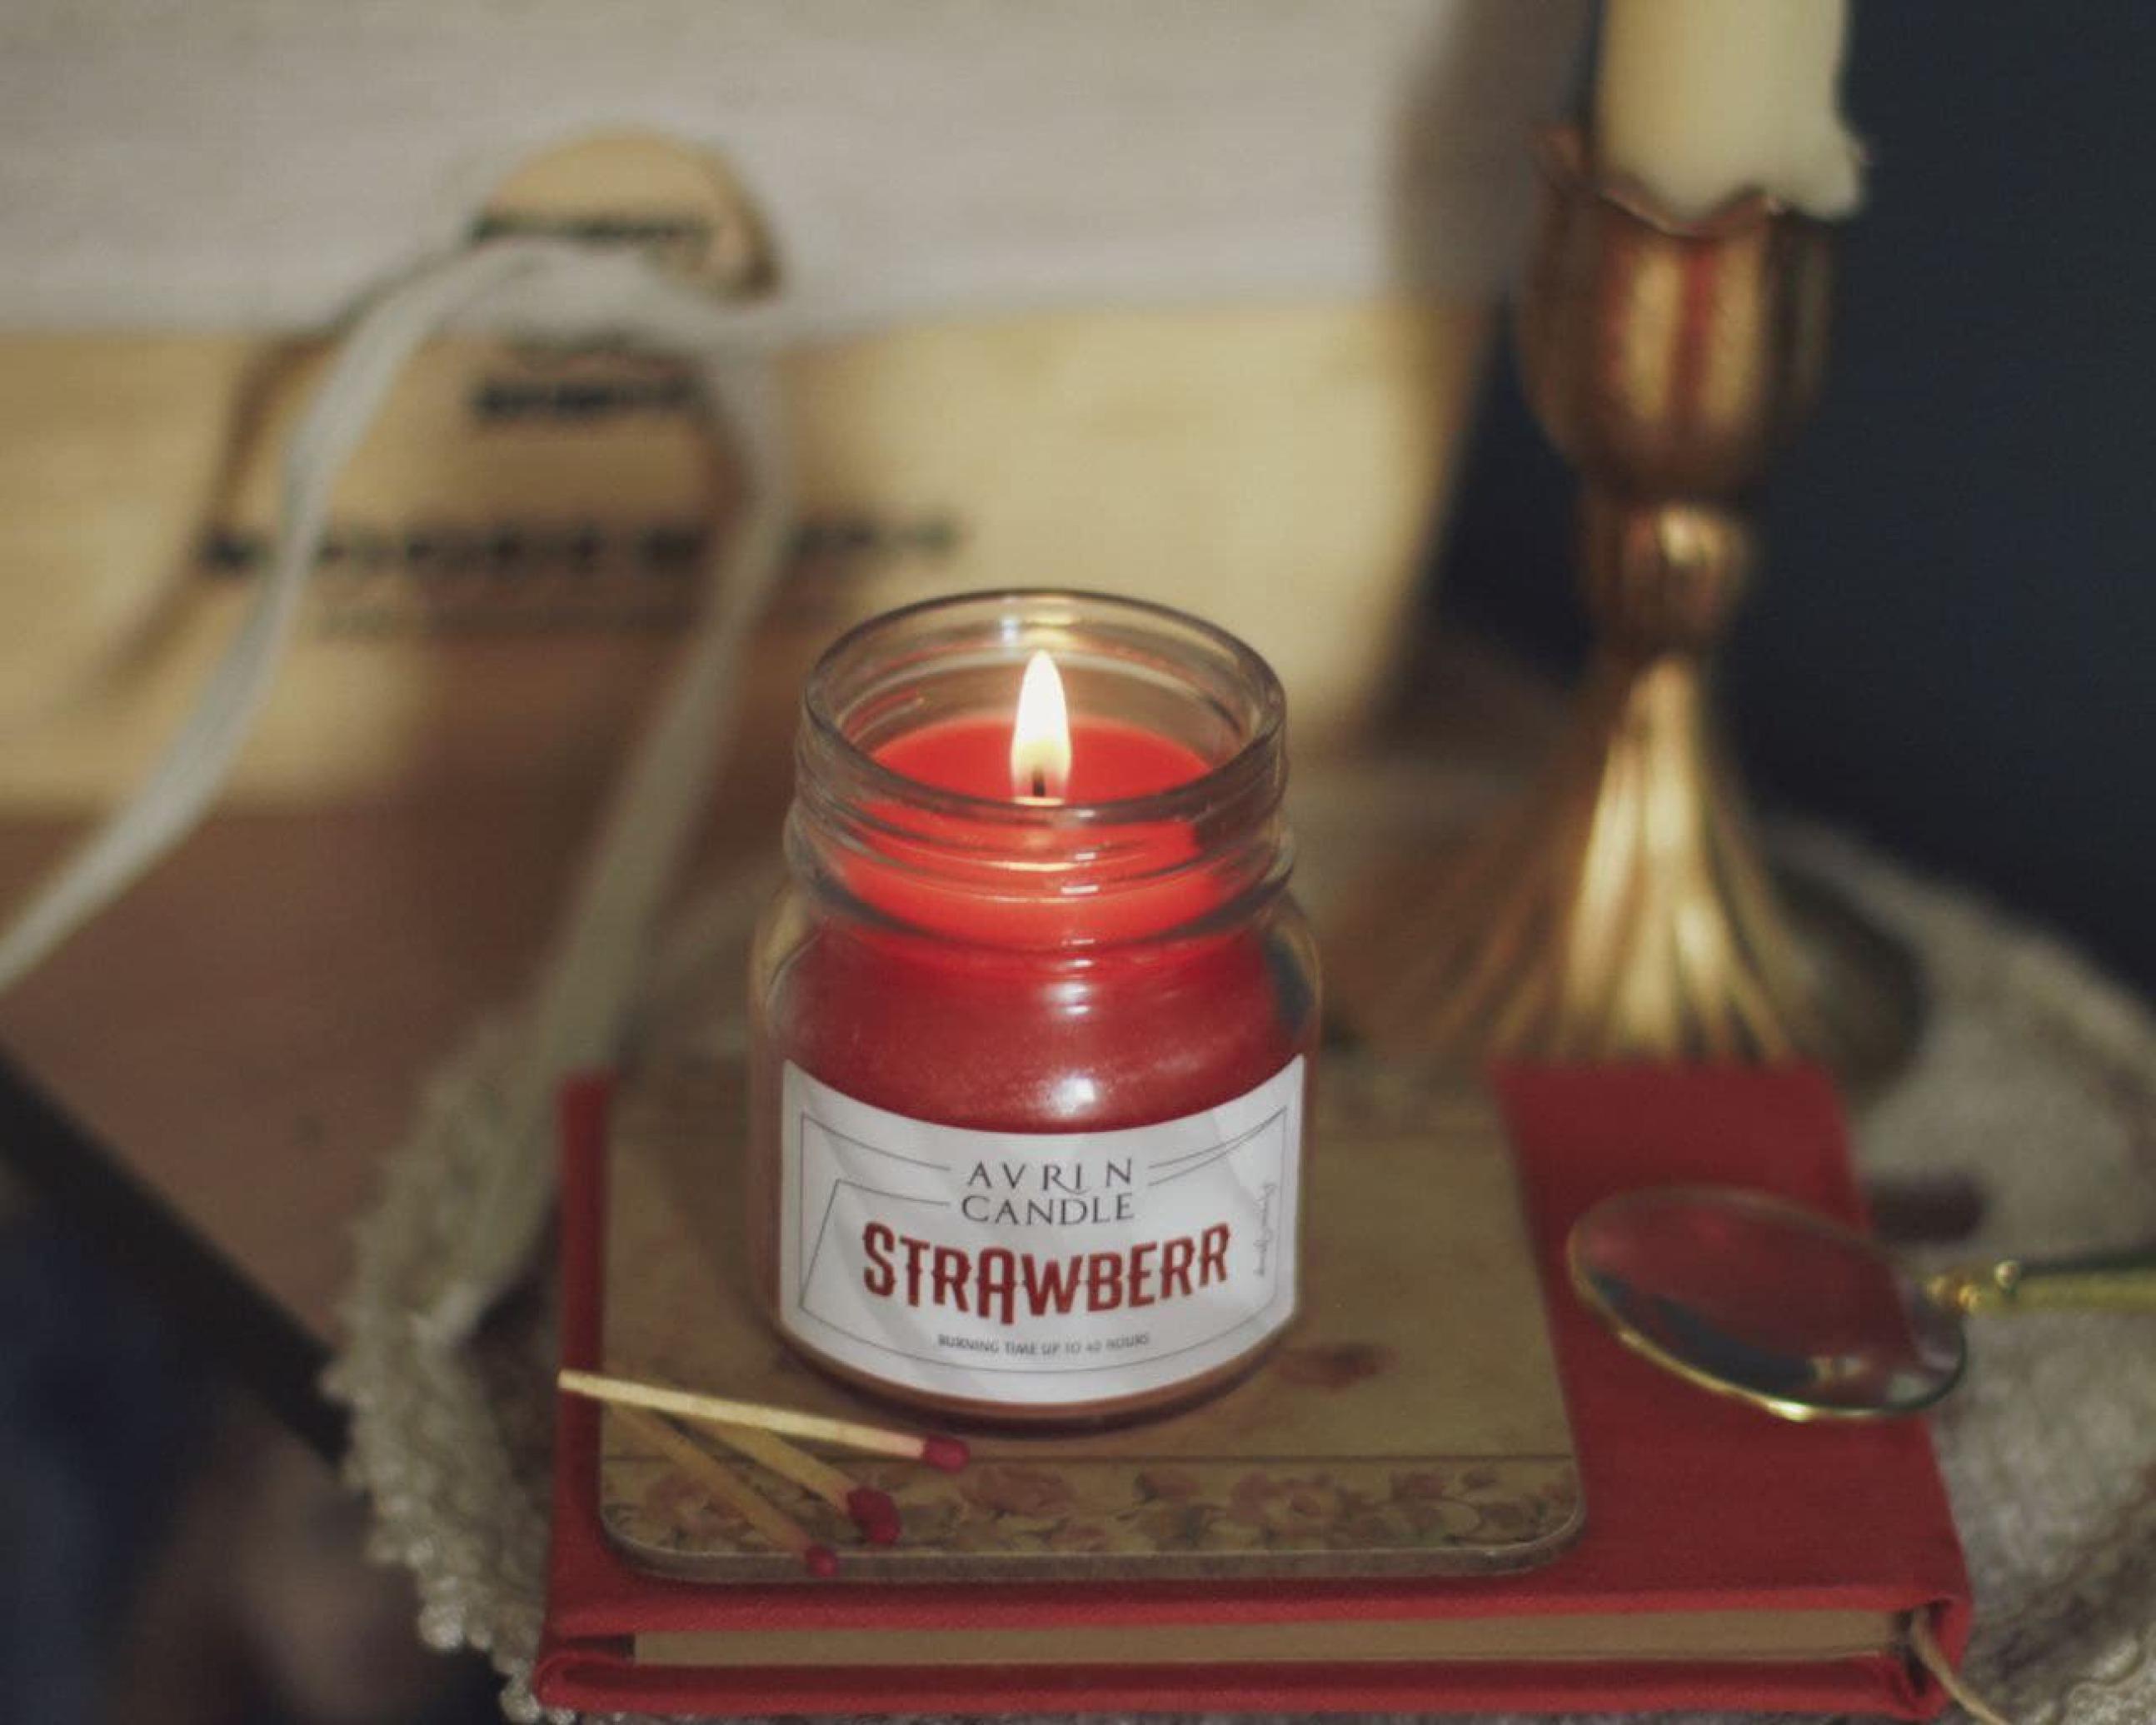 شمع اترین اورین کندل